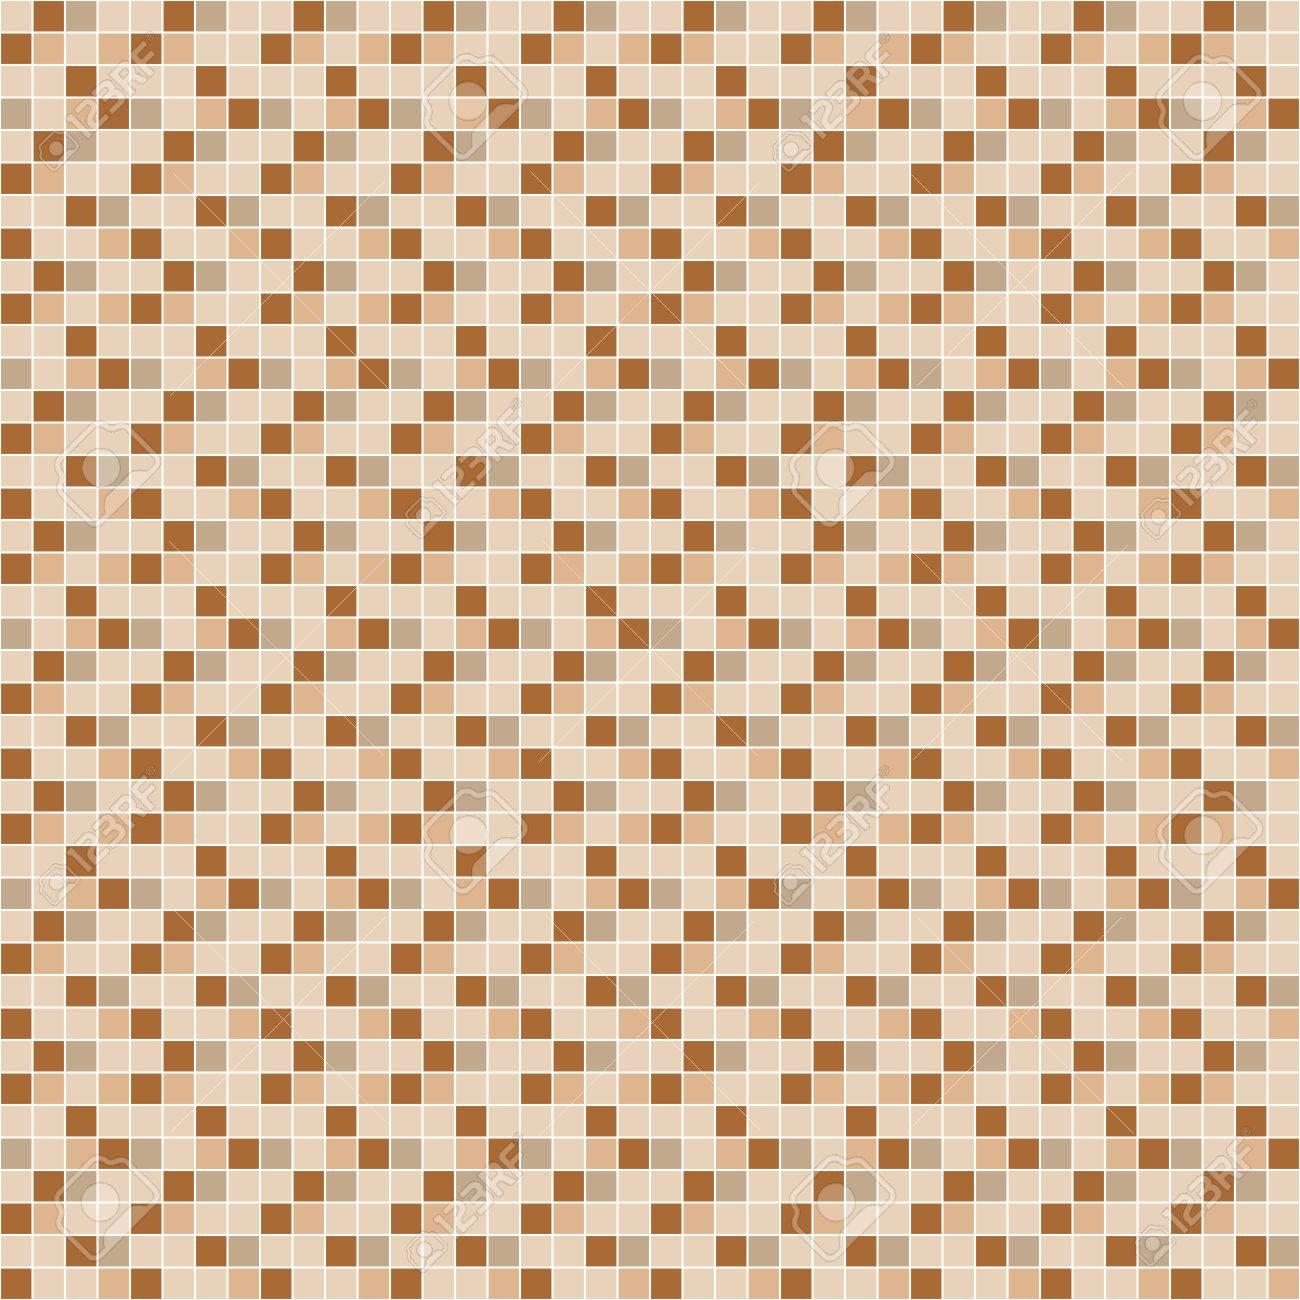 Beige Und Braun Fliesen Mosaik Vektor Nahtlose Muster Design Fur